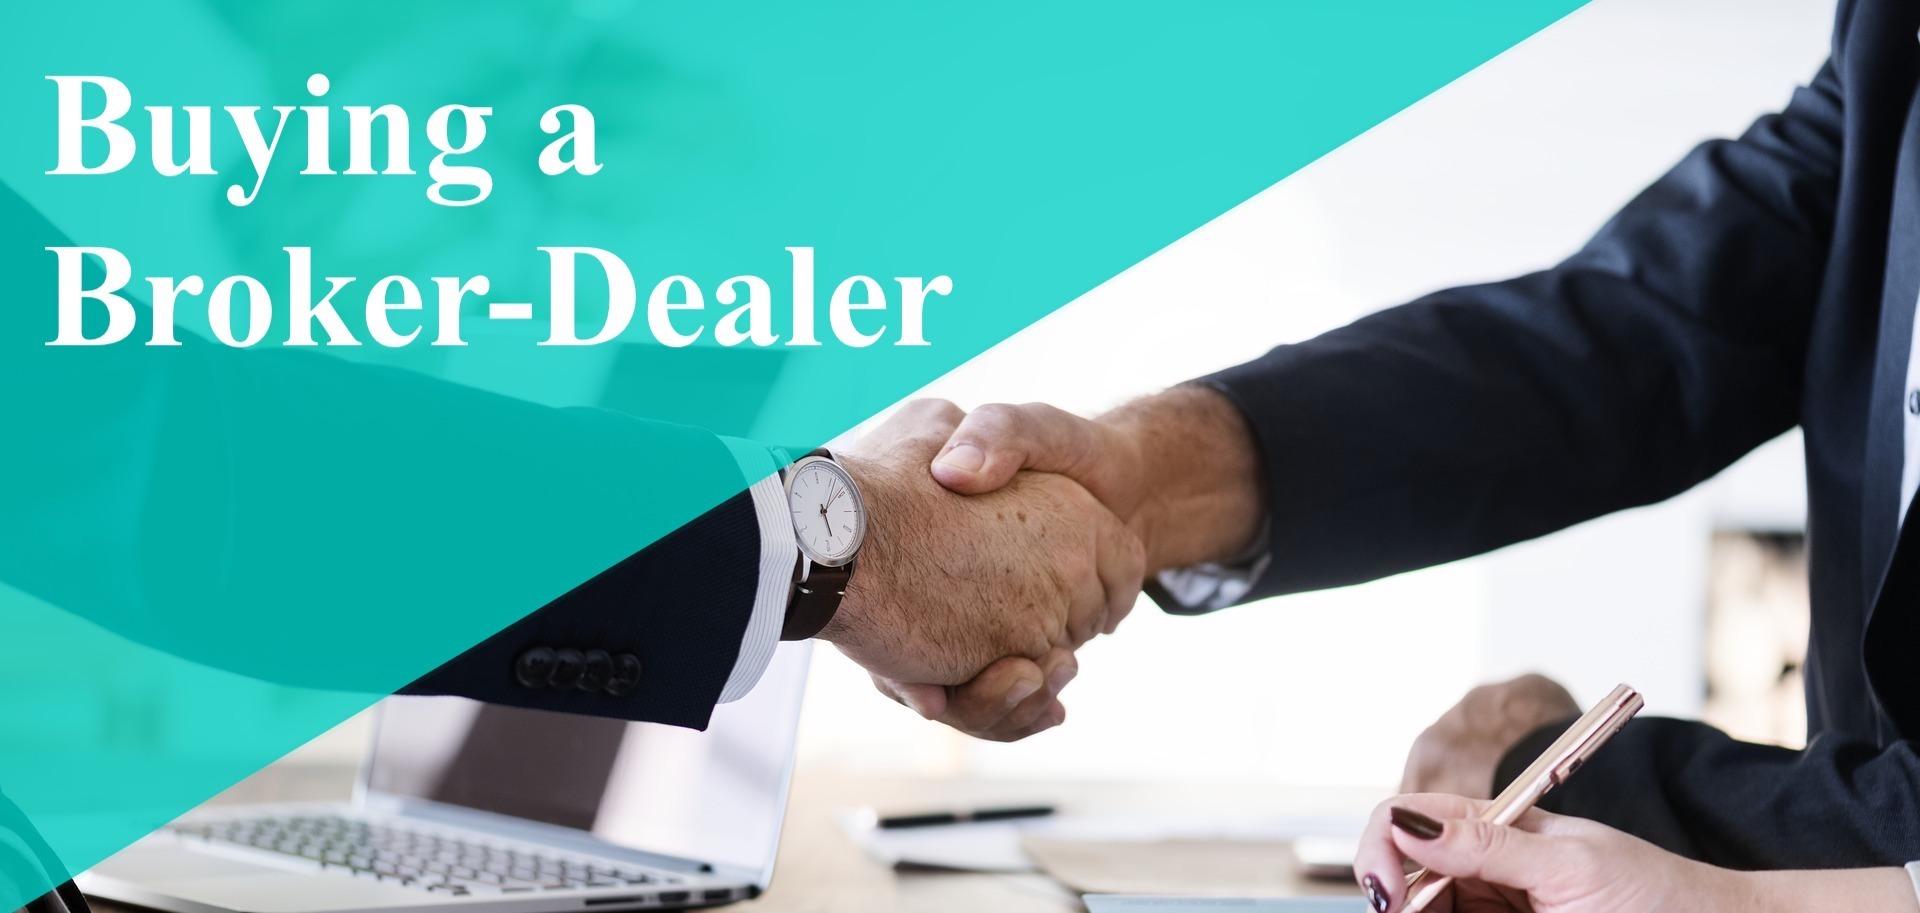 Buy a Broker Dealer